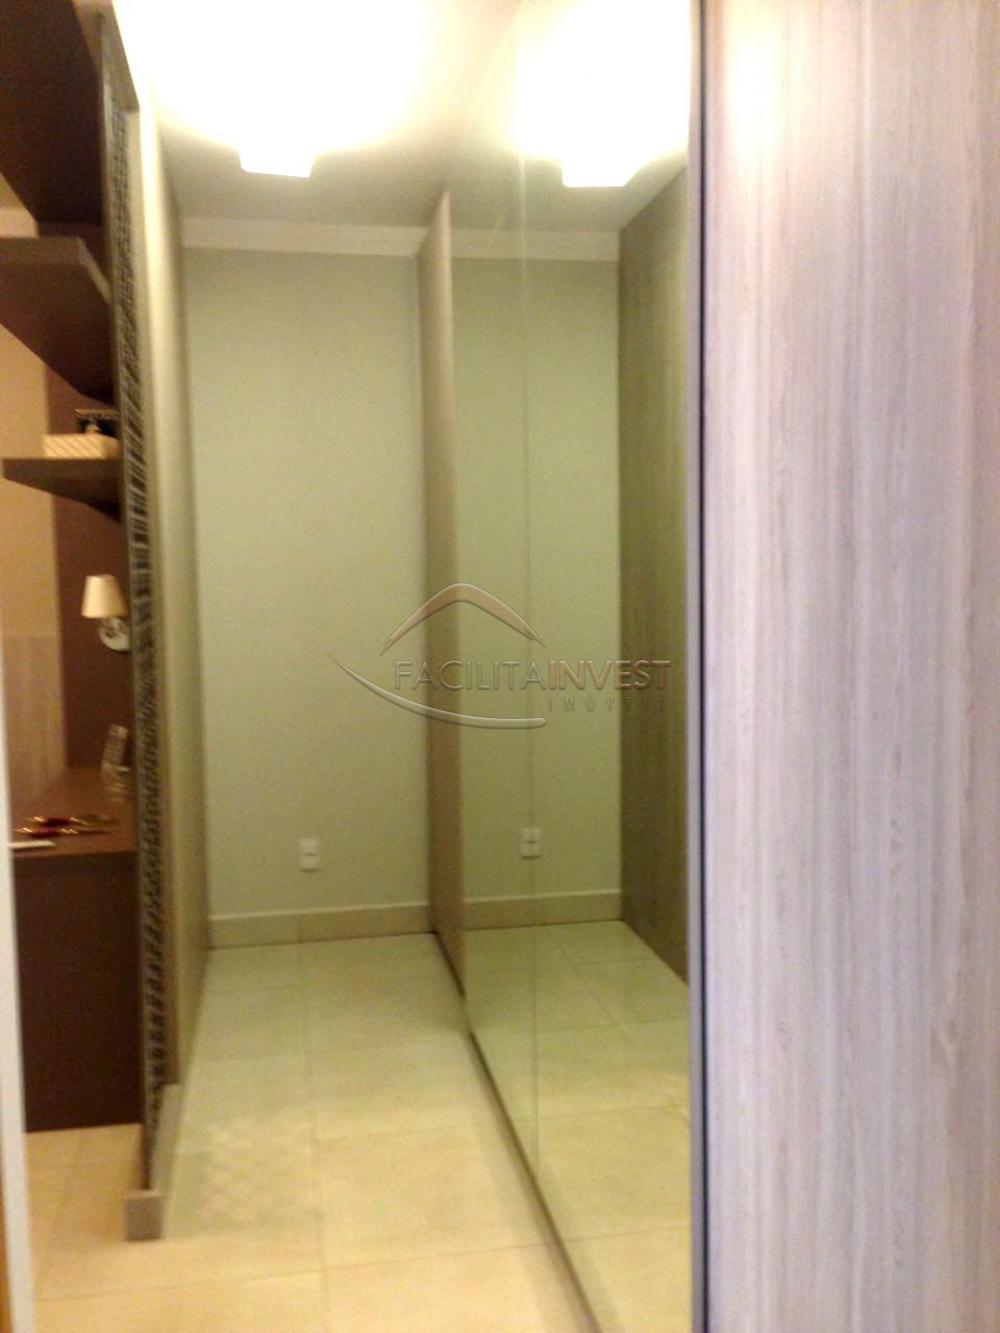 Comprar Lançamentos/ Empreendimentos em Construç / Apartamento padrão - Lançamento em Ribeirão Preto apenas R$ 950.567,00 - Foto 9